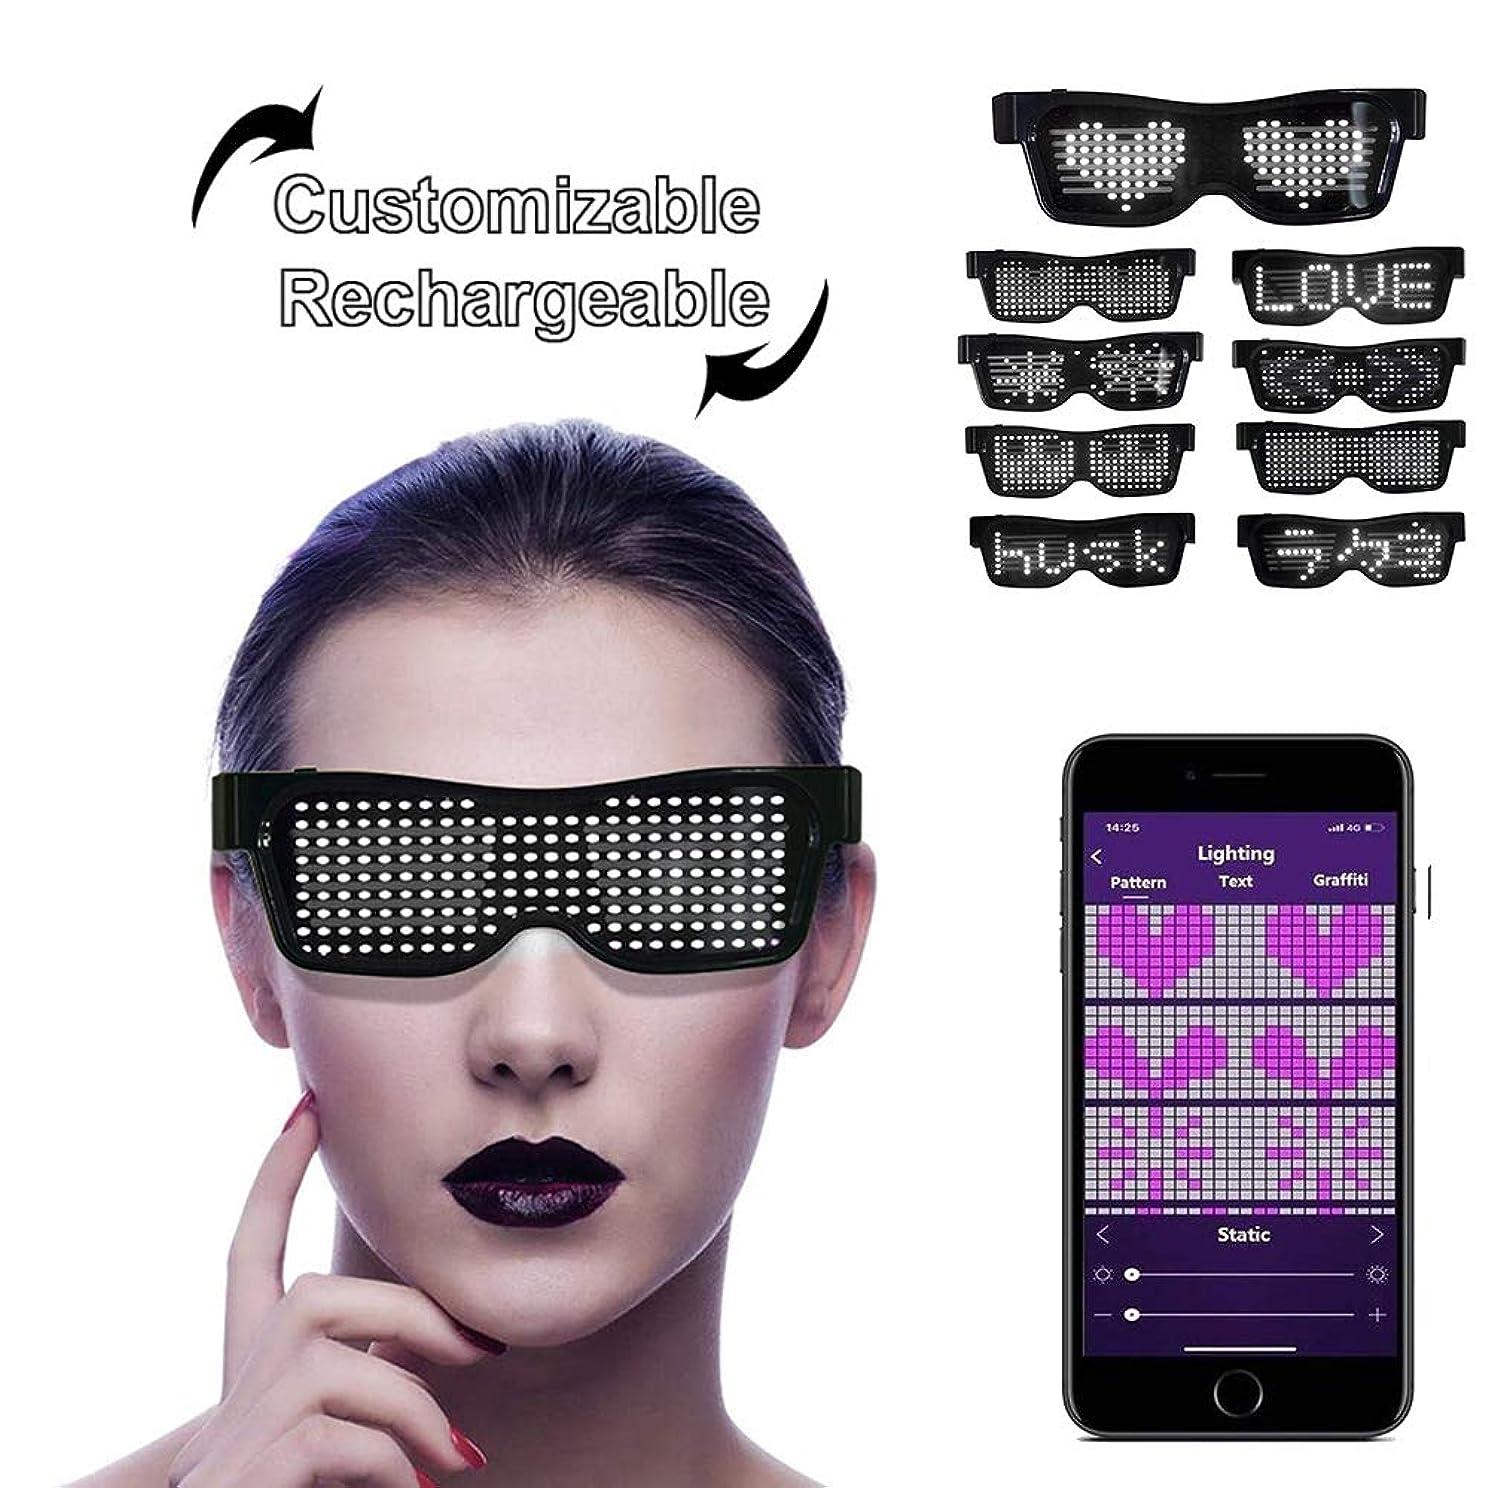 ストレス畝間ベッドを作るLEDサングラス, LEDメガネ ブルートゥースLEDパーティーメガネカスタマイズ可能なLEDメガネUSB充電式9モードワイヤレス点滅LEDディスプレイ、フェスティバル用グロー眼鏡レイヴパーティー